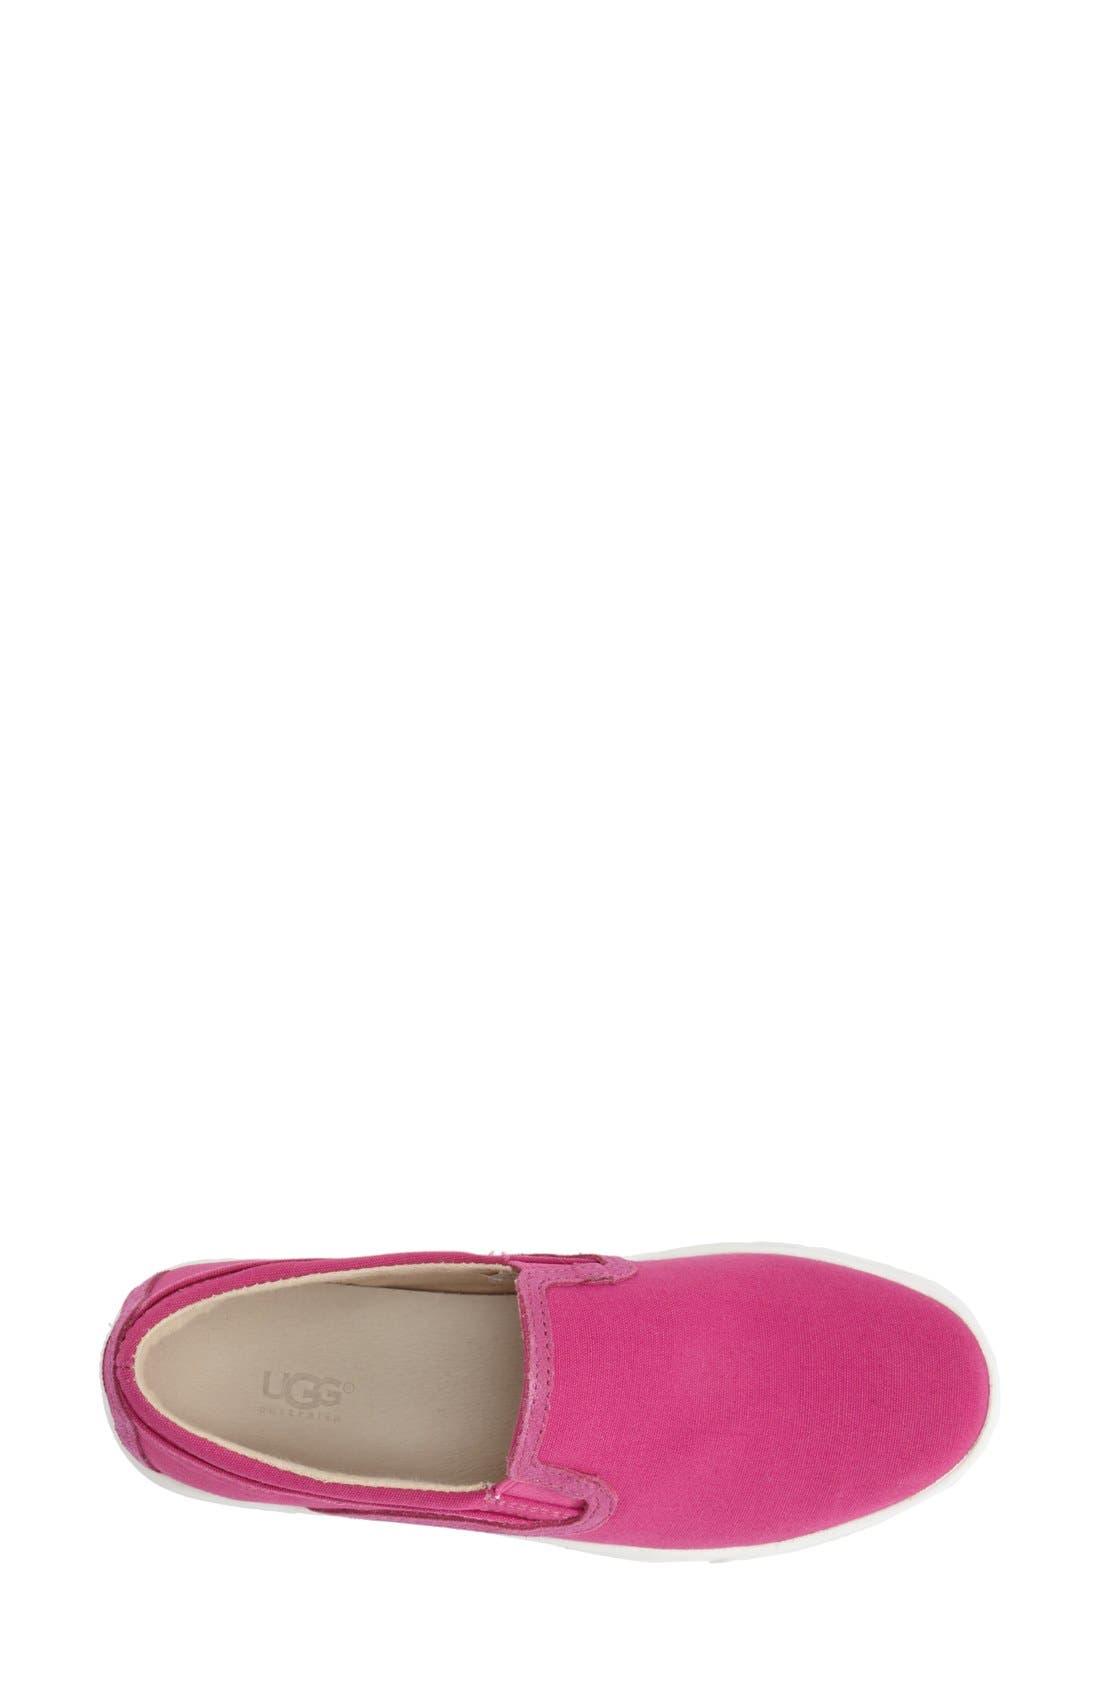 Alternate Image 3  - UGG Australia® 'Fierce' Slip-On Sneaker (Women)